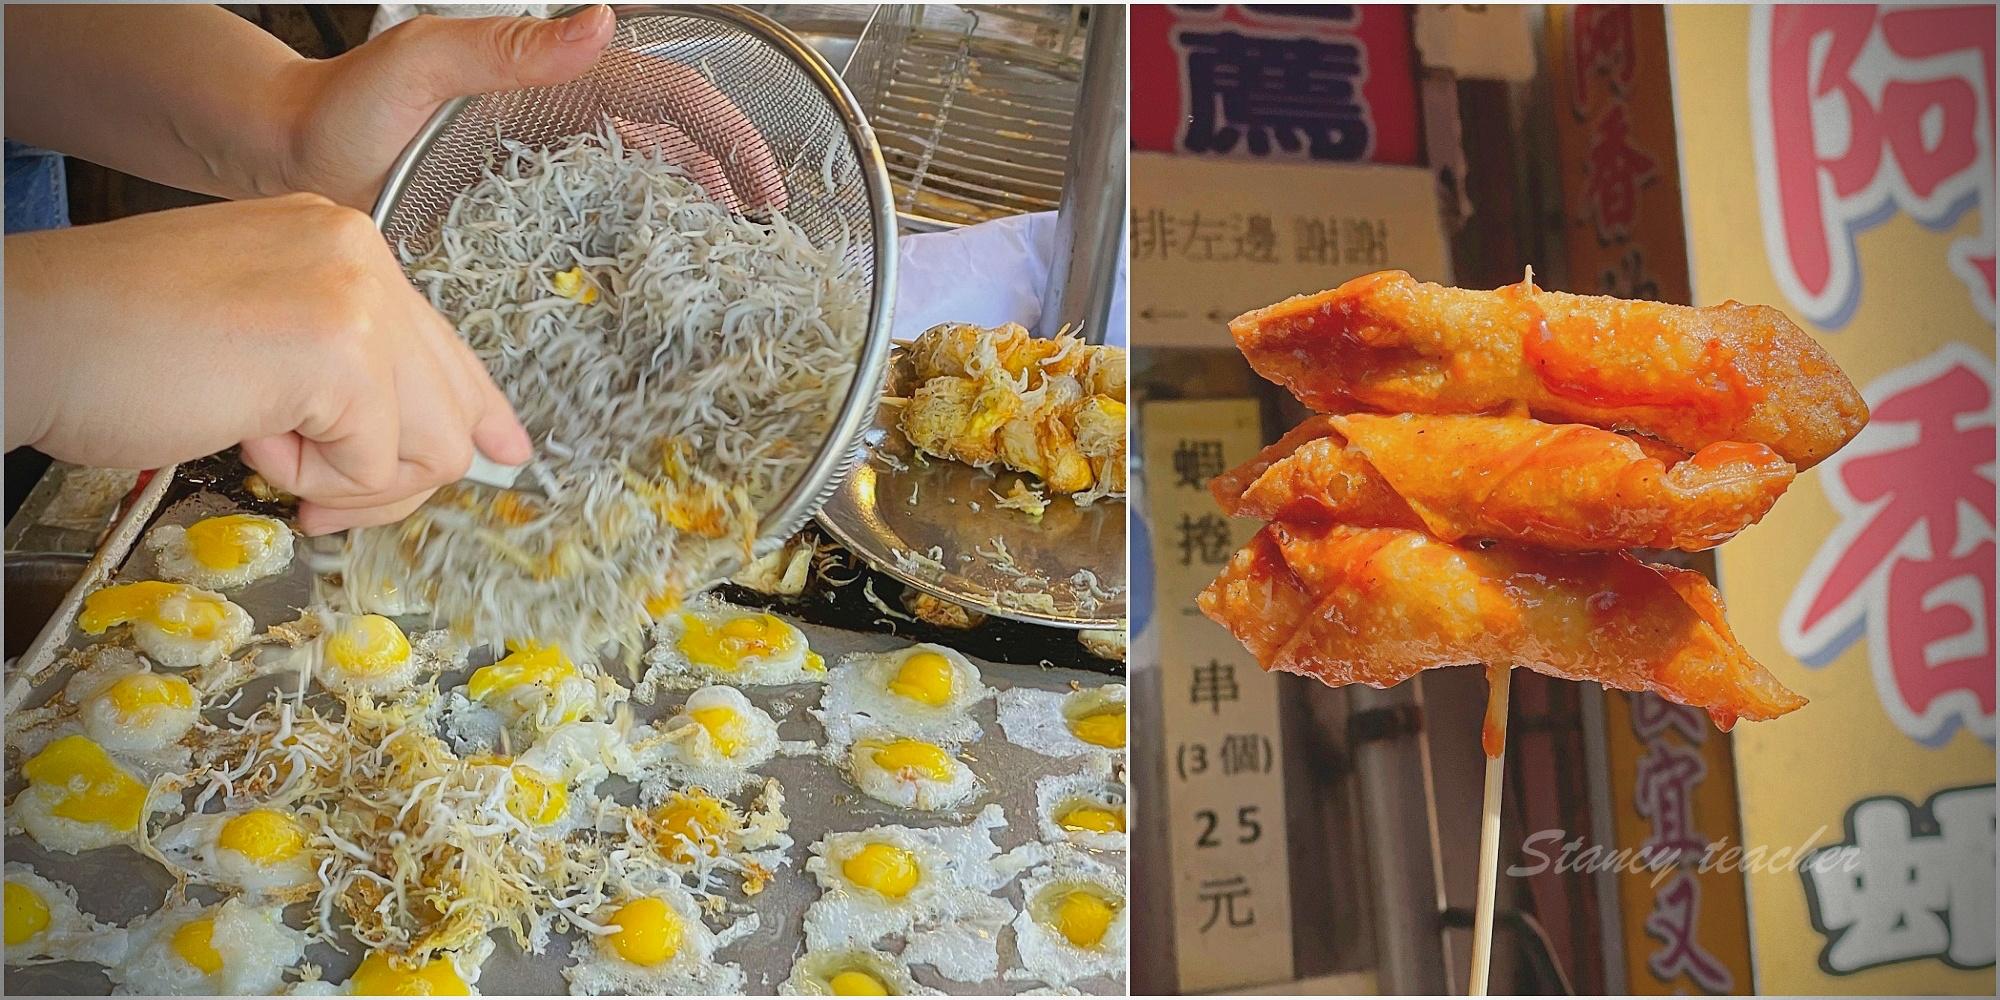 淡水老街美食|淡水老街阿香蝦捲、阿香魩仔魚烤鳥蛋|淡水老街散步美(菜單、價格)